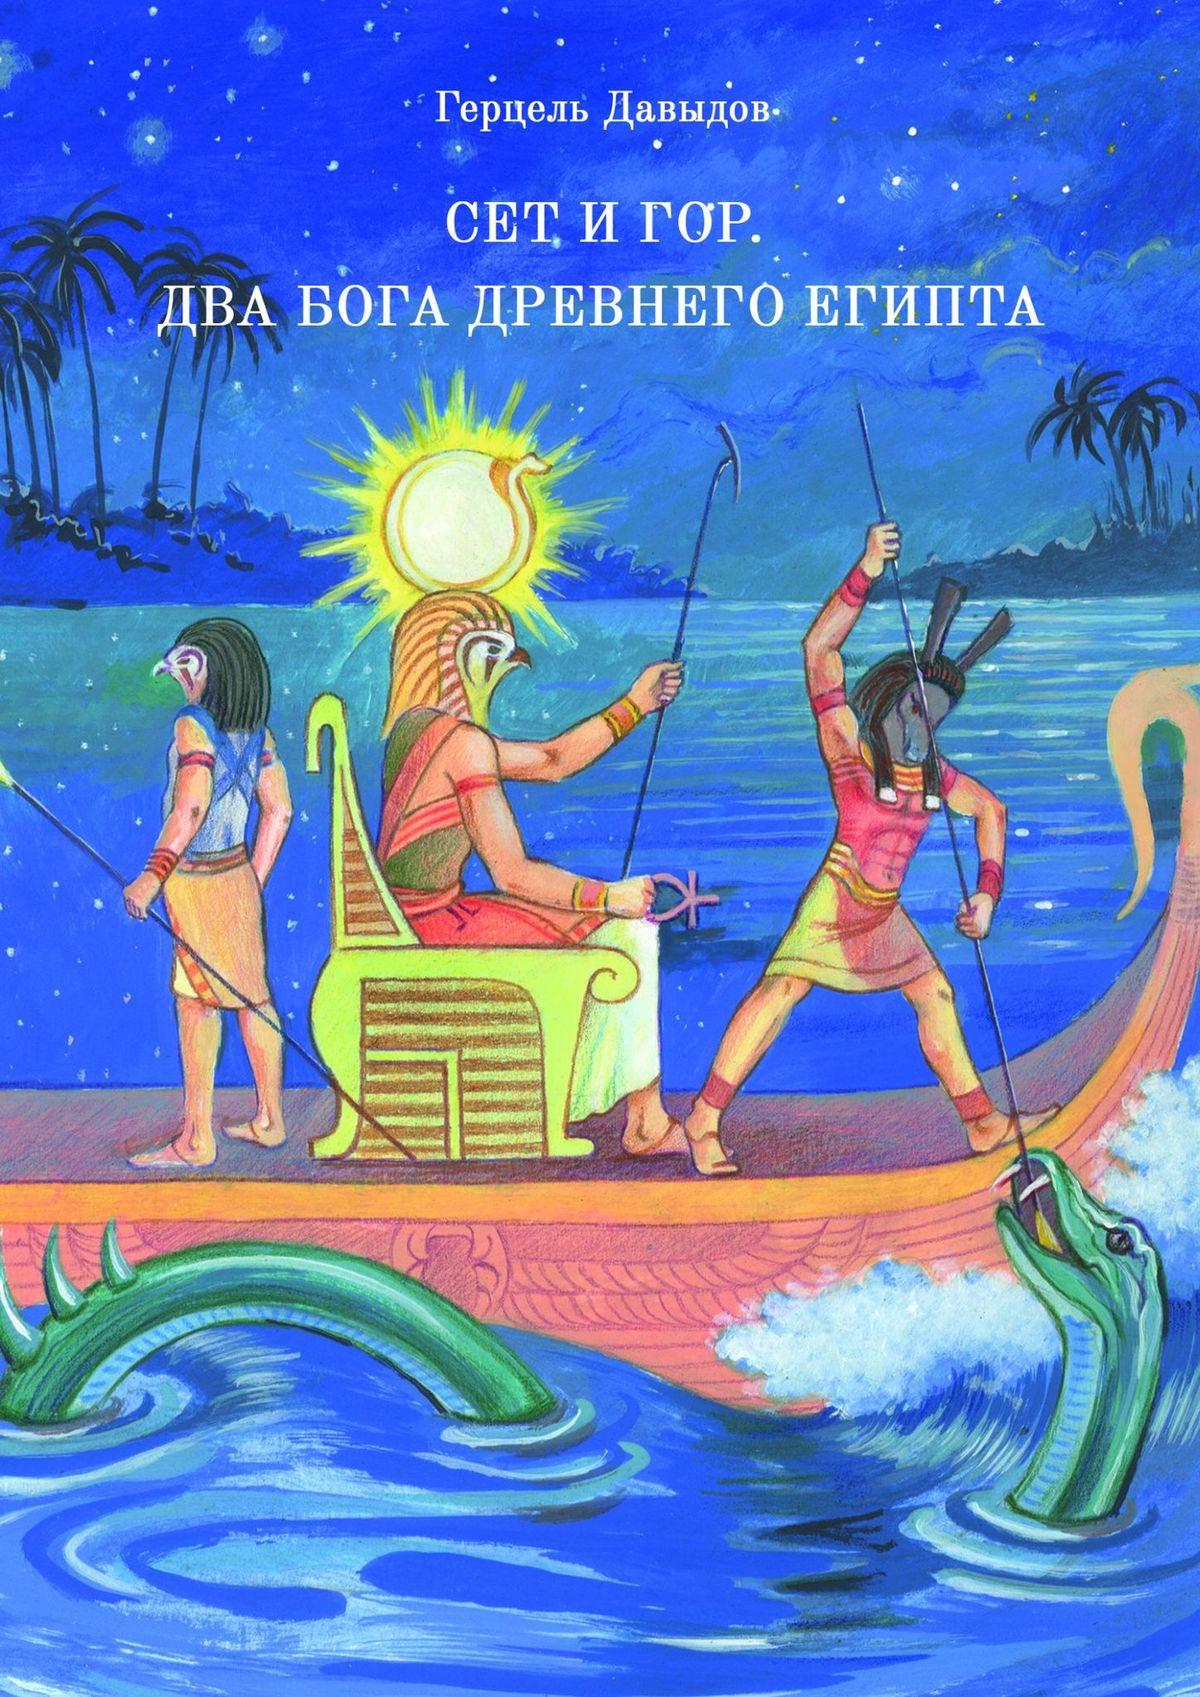 цена на Герц Давыдов Сет и Гор. Два бога древнего Египта